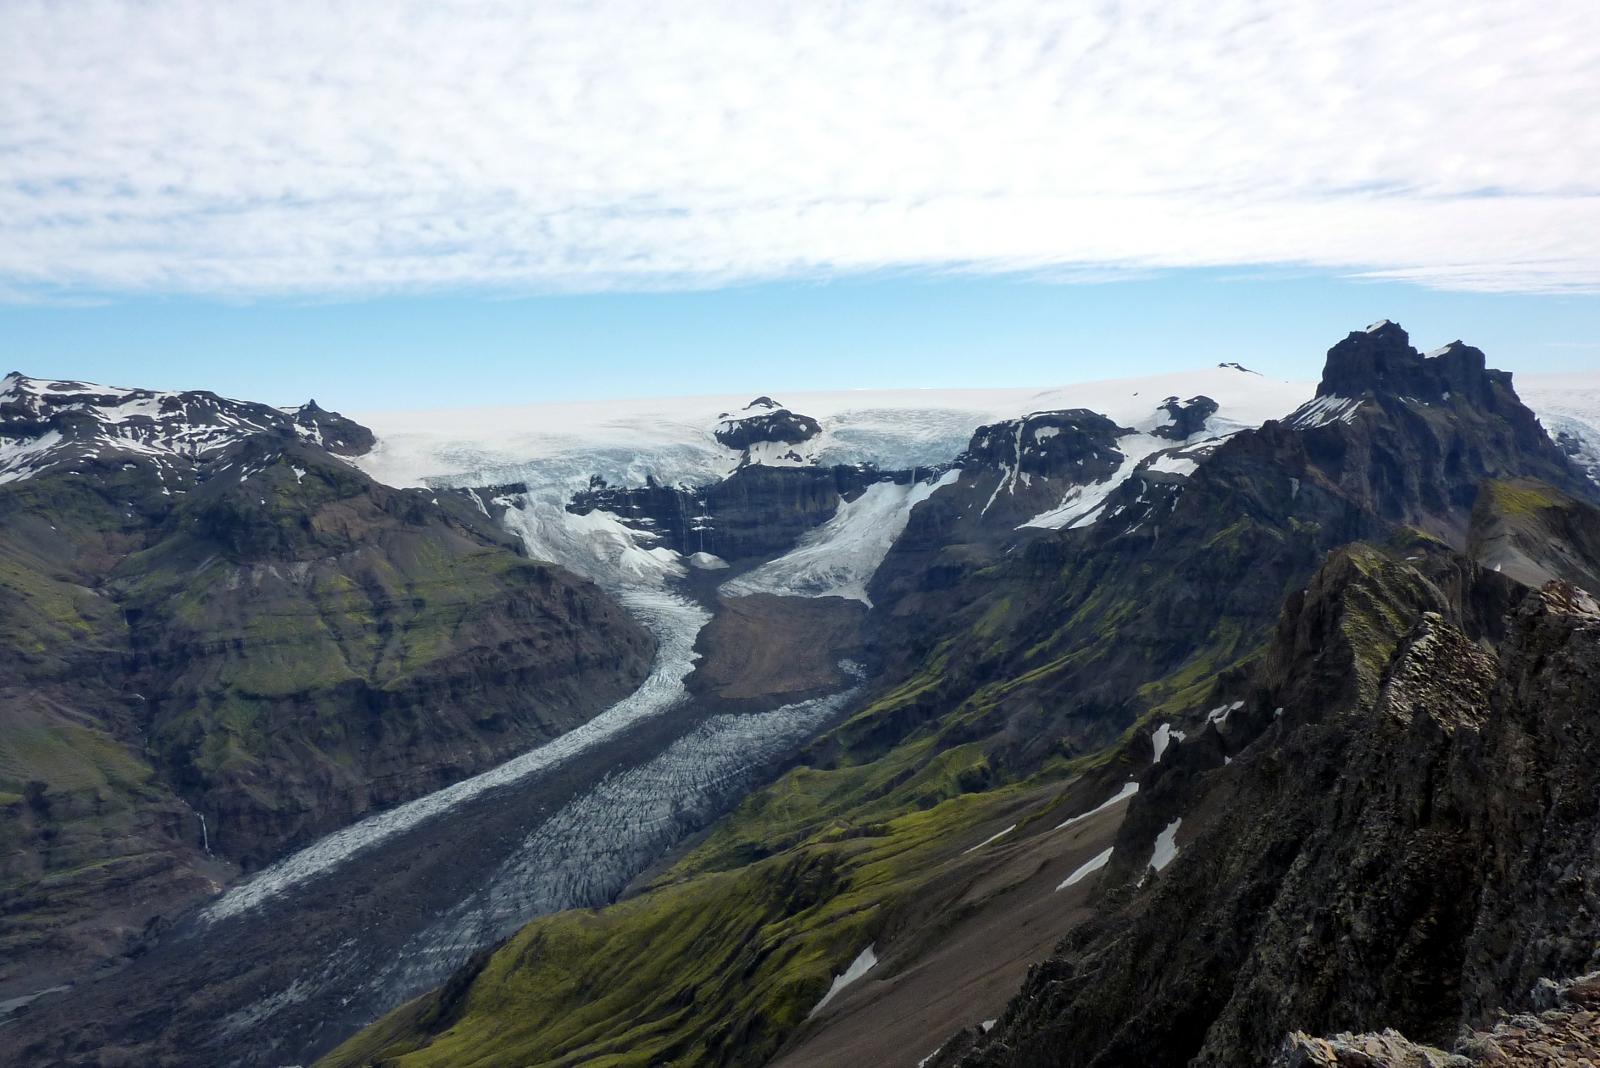 Blick von den Kristínartindar-Gipfeln auf den Morsárfoss in den Felsen in der Bildmitte; auf den Felsen liegt die Eiskappe des Vatnajökull, unterhalb von ihnen beginnt der Morsárjökull.